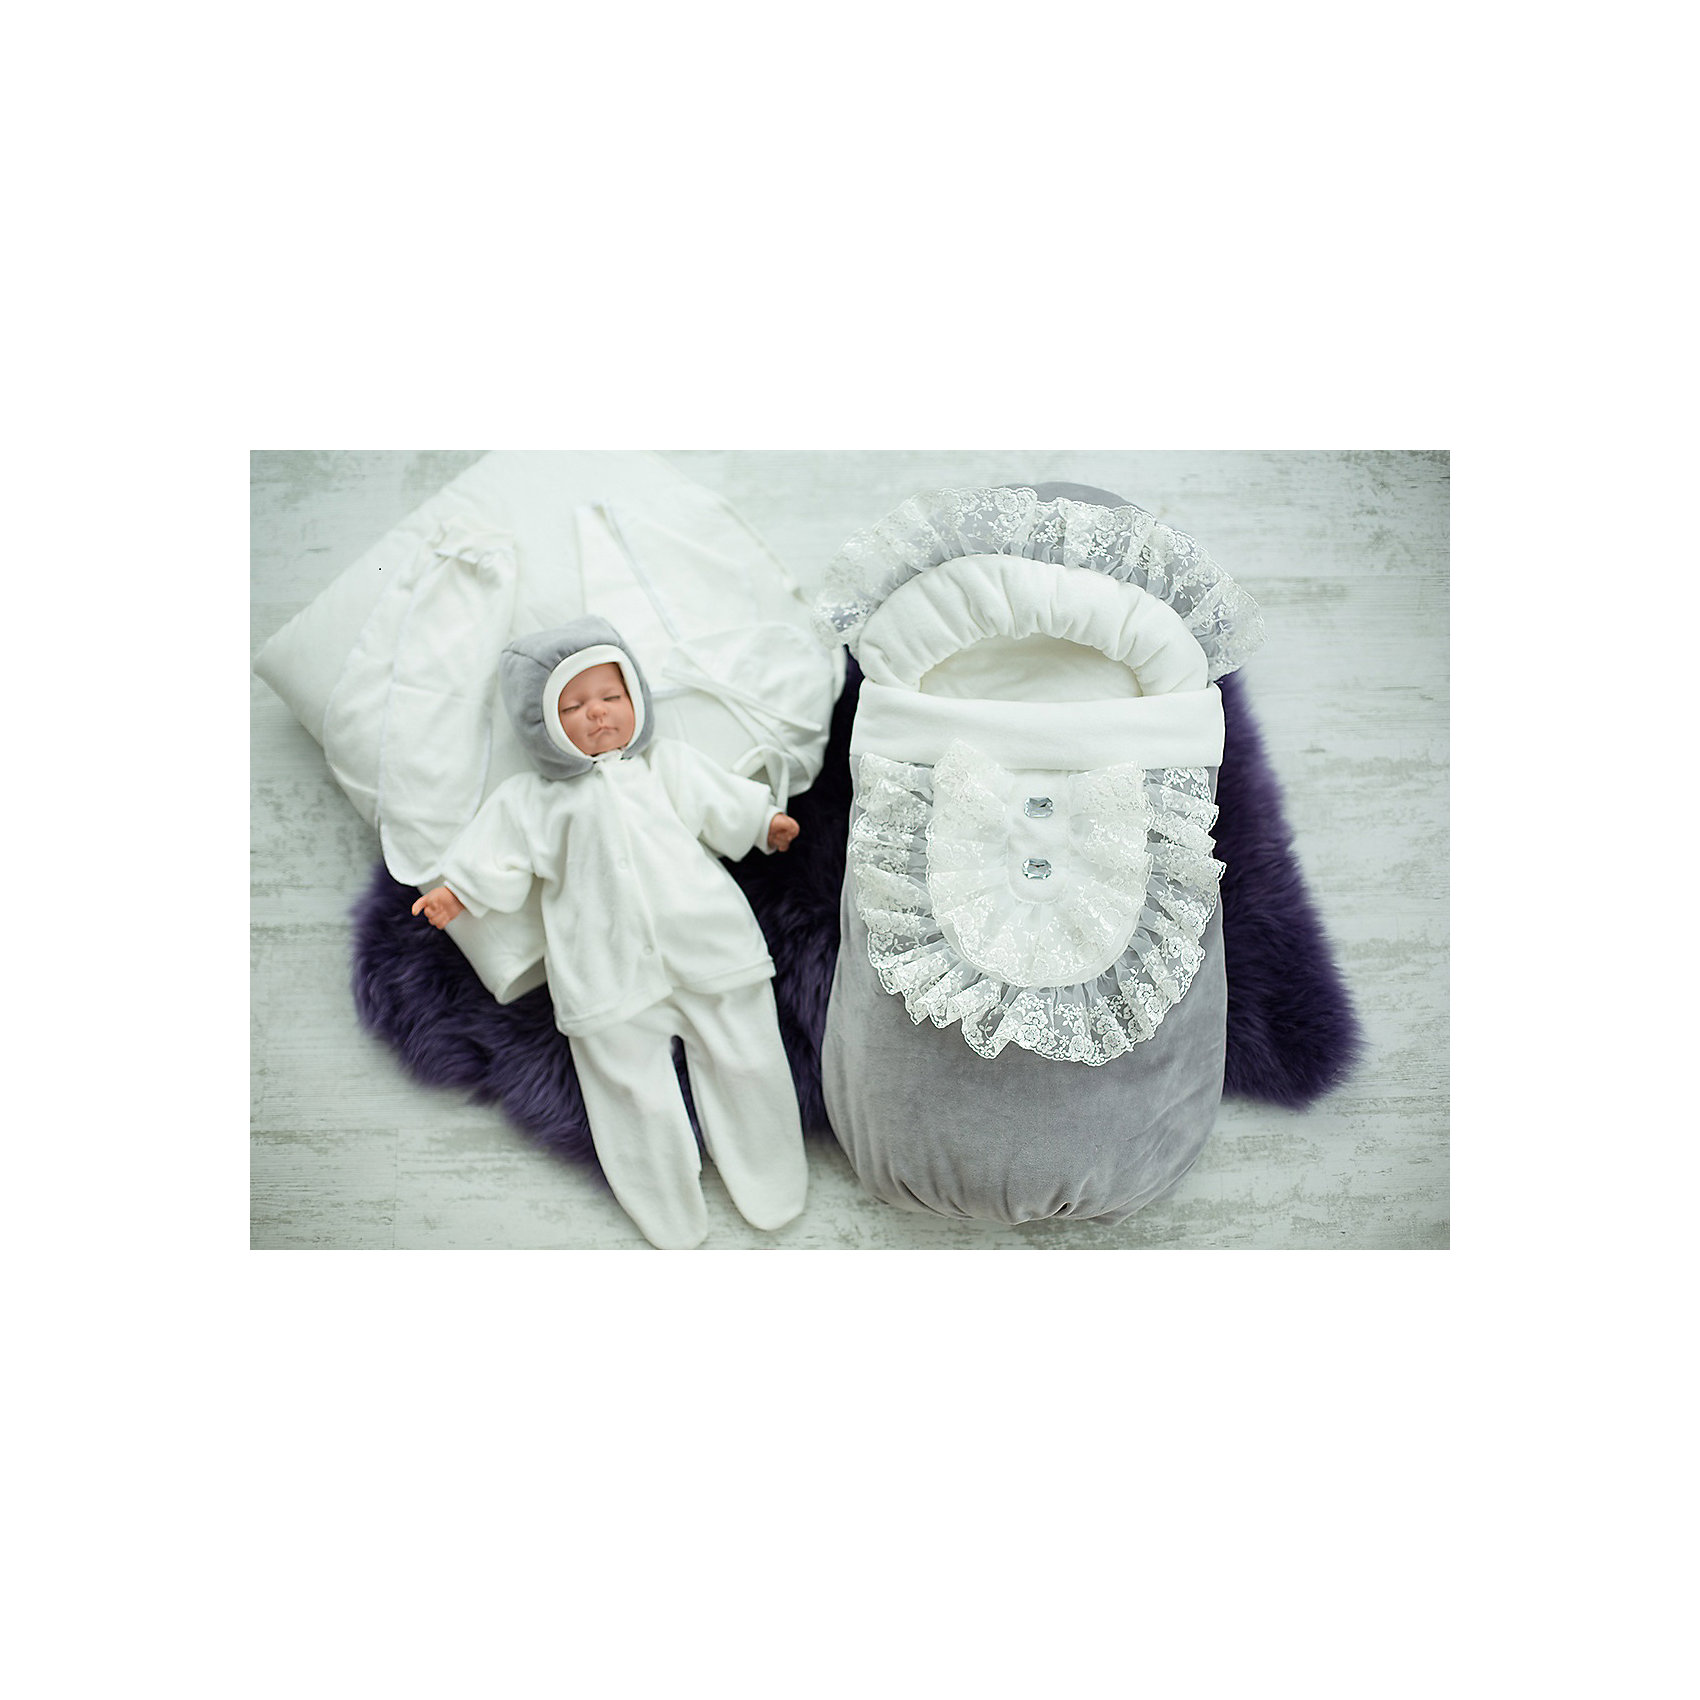 Комплект на выписку 7 пред., GulSara, 84 весна-осень ЖабоКонверты на выписку<br>Характеристики:<br><br>• Вид детского текстиля: комплект на выписку<br>• Предназначение: на выписку, для прогулки<br>• Сезон: весна, осень<br>• Утеплитель: высокая степень<br>• Температурный режим: от -10? С до +15? С<br>• Пол: универсальный<br>• Тематика рисунка: без рисунка<br>• Материал: велюр, велсофт<br>• Цвет: молочный<br>• Комплектация:<br> одеяло синтепоновое – 1 шт. 100*95 см<br> конверт на меху – 1 шт. 75*40 см<br> шапочка на синтепоне – 1 шт. р-р 56-36<br> кофточка – 1 шт. р-р 56-36<br> конверт на синтепоне – 1 шт. р-р 56-36<br> ползунки – 1 шт. р-р 56-36<br> распашонка – 1 шт. р-р 56-36<br> чепчик – 1 шт. р-р 56-36<br> • Особенности ухода: машинная стирка при температуре 30 градусов без использования отбеливающих и красящих веществ<br><br>Комплект на выписку 7 пред., GulSara, 84 весна-осень Жабо от отечественного швейного производства, который выпускает современный текстиль и товары для новорожденных, изготовленных на основе вековых традиций. В своем производстве GulSara использует только экологичные и натуральные материалы, что обеспечивает их безопасность даже для малышей с чувствительной кожей. Набор предназначен для выписки в осенне-весенний период и состоит из утепленного одеяла, шапочки, кофточки и велюрового конверта на меху. <br><br>В качестве наполнителя использован синтепон – легкий, но при этом гипоаллергенный материал. Комплект нижней одежды состоит из ползунков, распашонки и чепчика, изготовленных из трикотажного полотна с мягким ворсом. Праздничный образ комплекта создается за счет отделки кружевом в виде жабо. Комплект на выписку 7 пред., GulSara, 84 весна-осень Жабо создаст изысканный и неповторимый образ вашего малыша!<br><br>Комплект на выписку 7 пред., GulSara, 84 весна-осень Жабо можно купить в нашем интернет-магазине.<br><br>Ширина мм: 750<br>Глубина мм: 400<br>Высота мм: 90<br>Вес г: 1500<br>Возраст от месяцев: 0<br>Возраст до месяцев: 6<br>Пол: Унисекс<